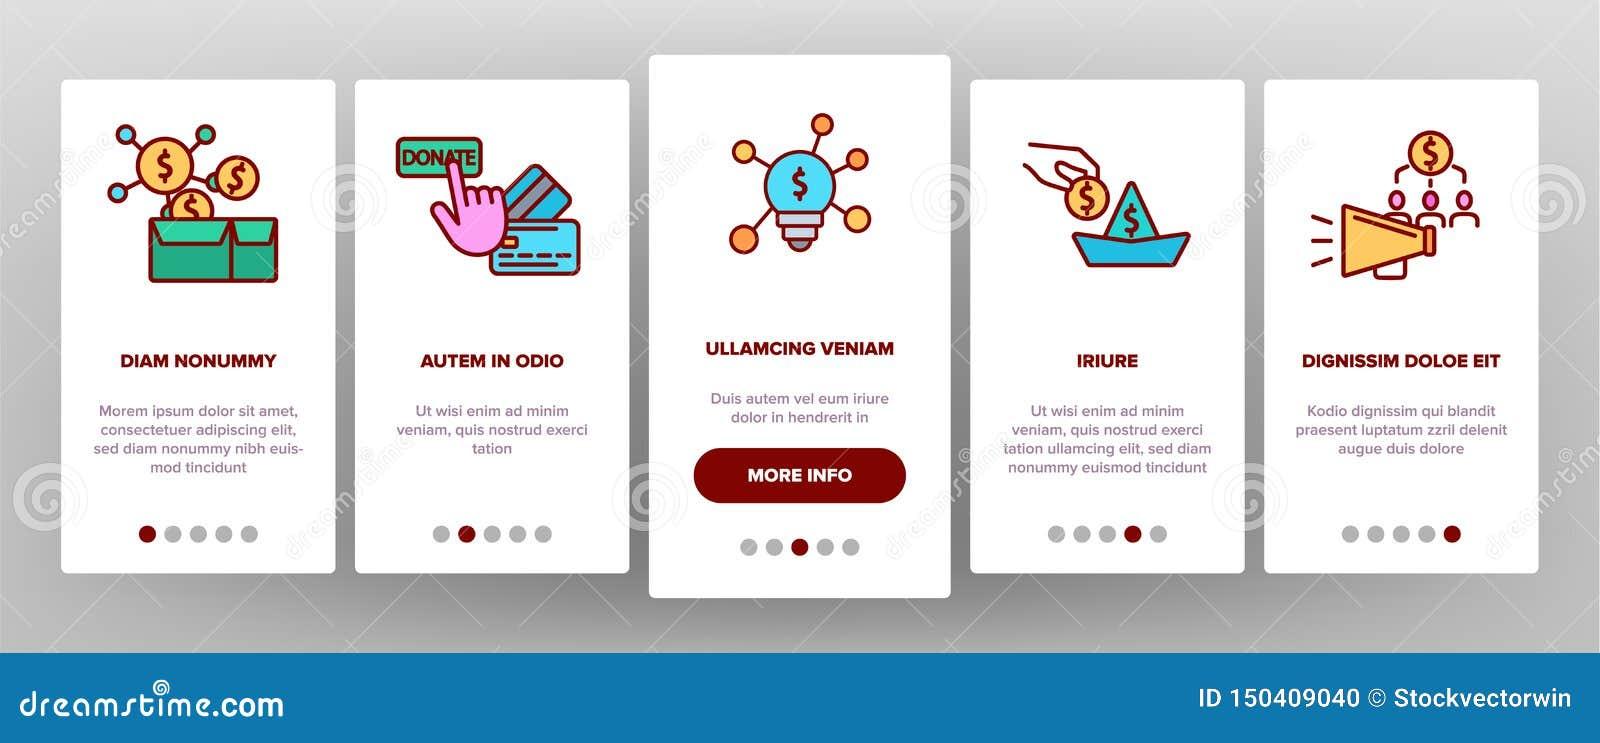 Crowdfunding, tela móvel da página do App de Onboarding do vetor coletivo do investimento